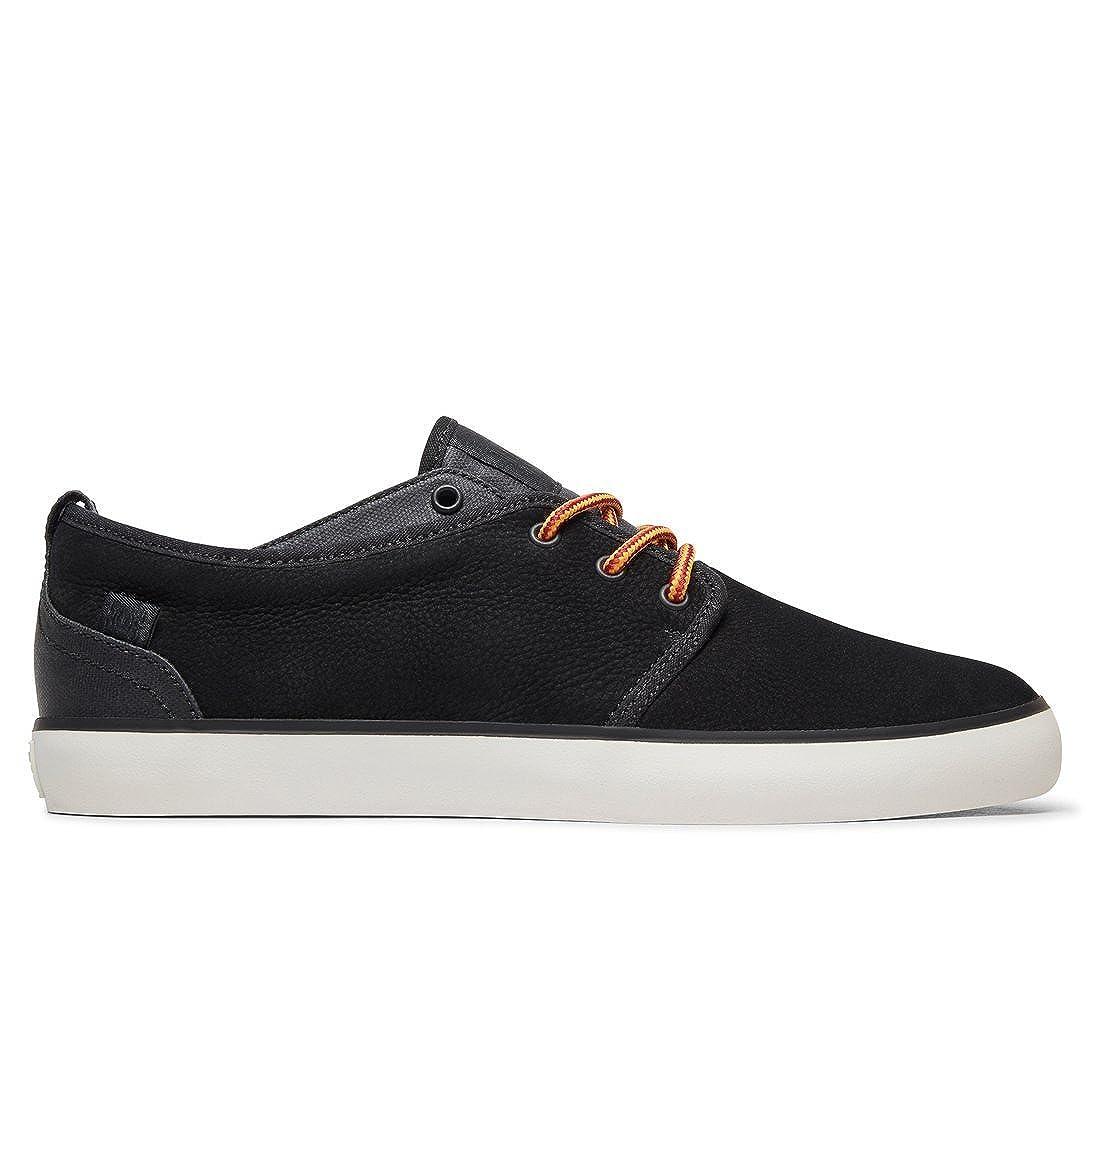 DC schuhe Studio 2 LE - Schuhe für Männer ADYS300414